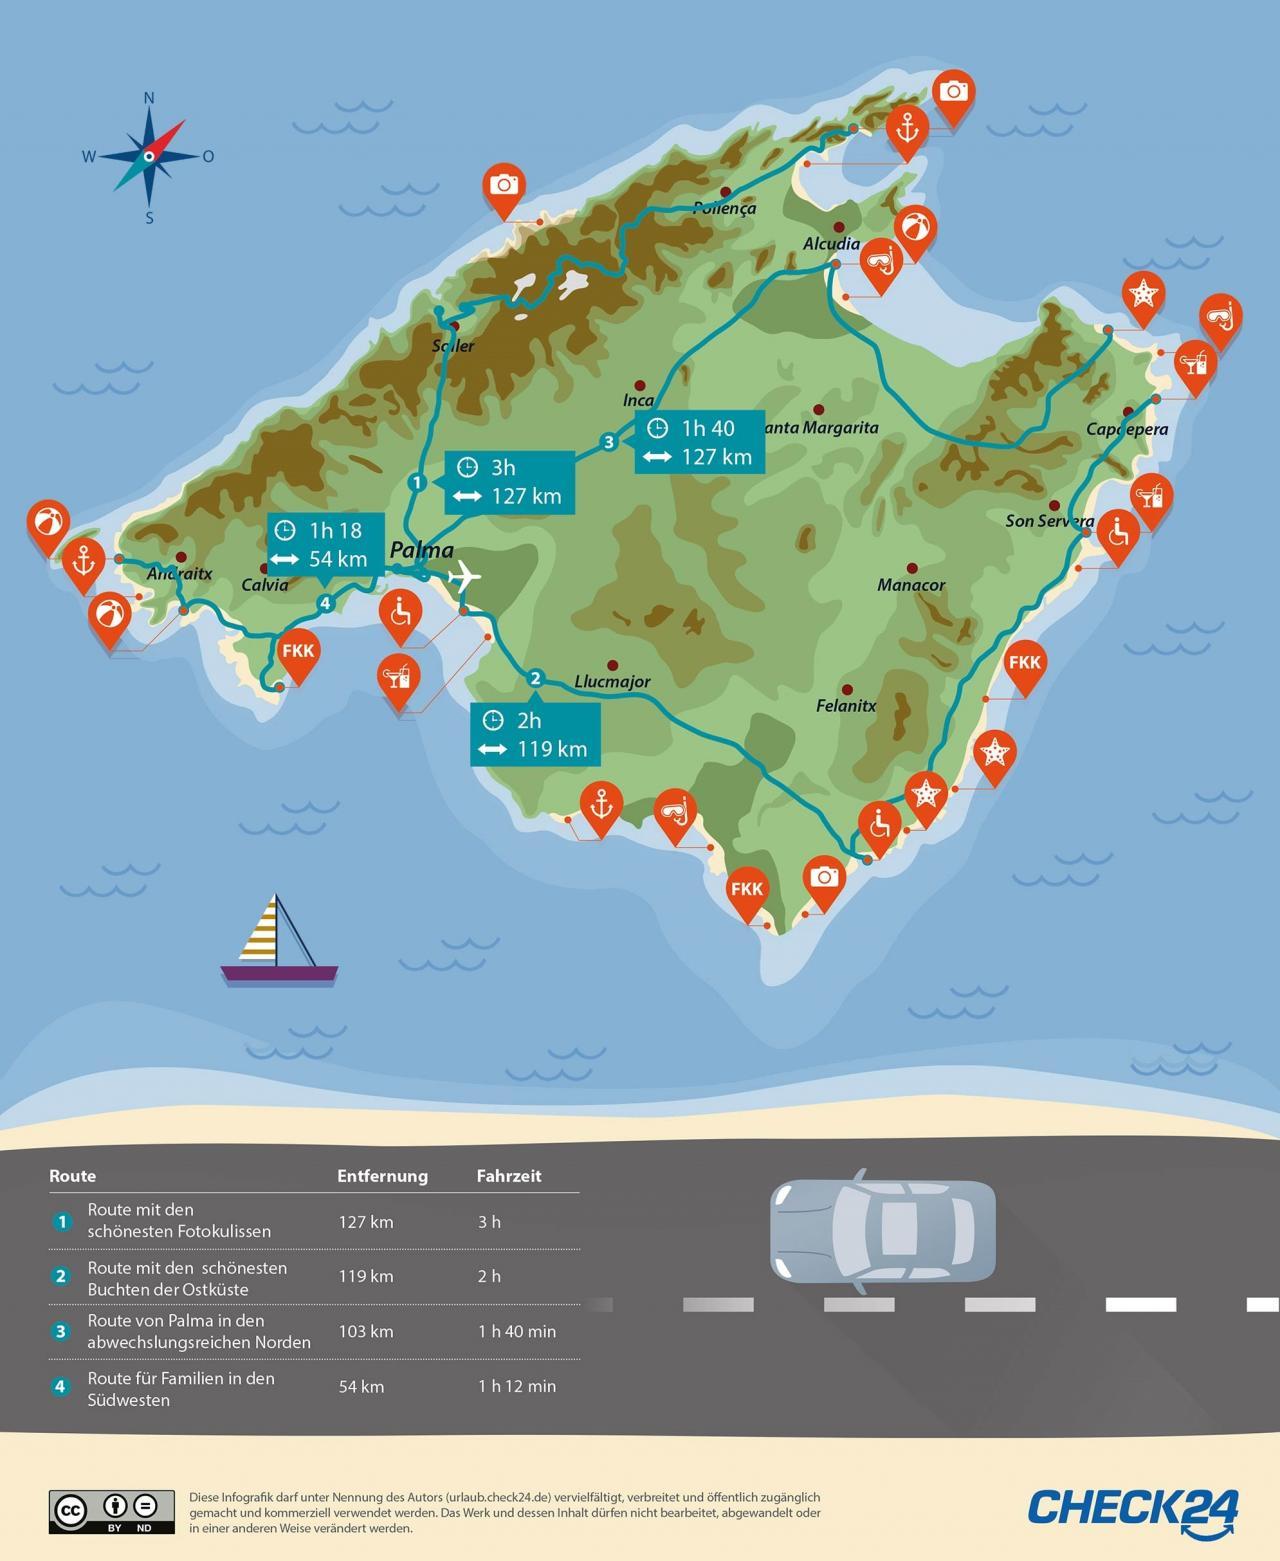 mallorca strände karte Die 24 schönsten Strände auf Mallorca 🌴 | CHECK24 mallorca strände karte